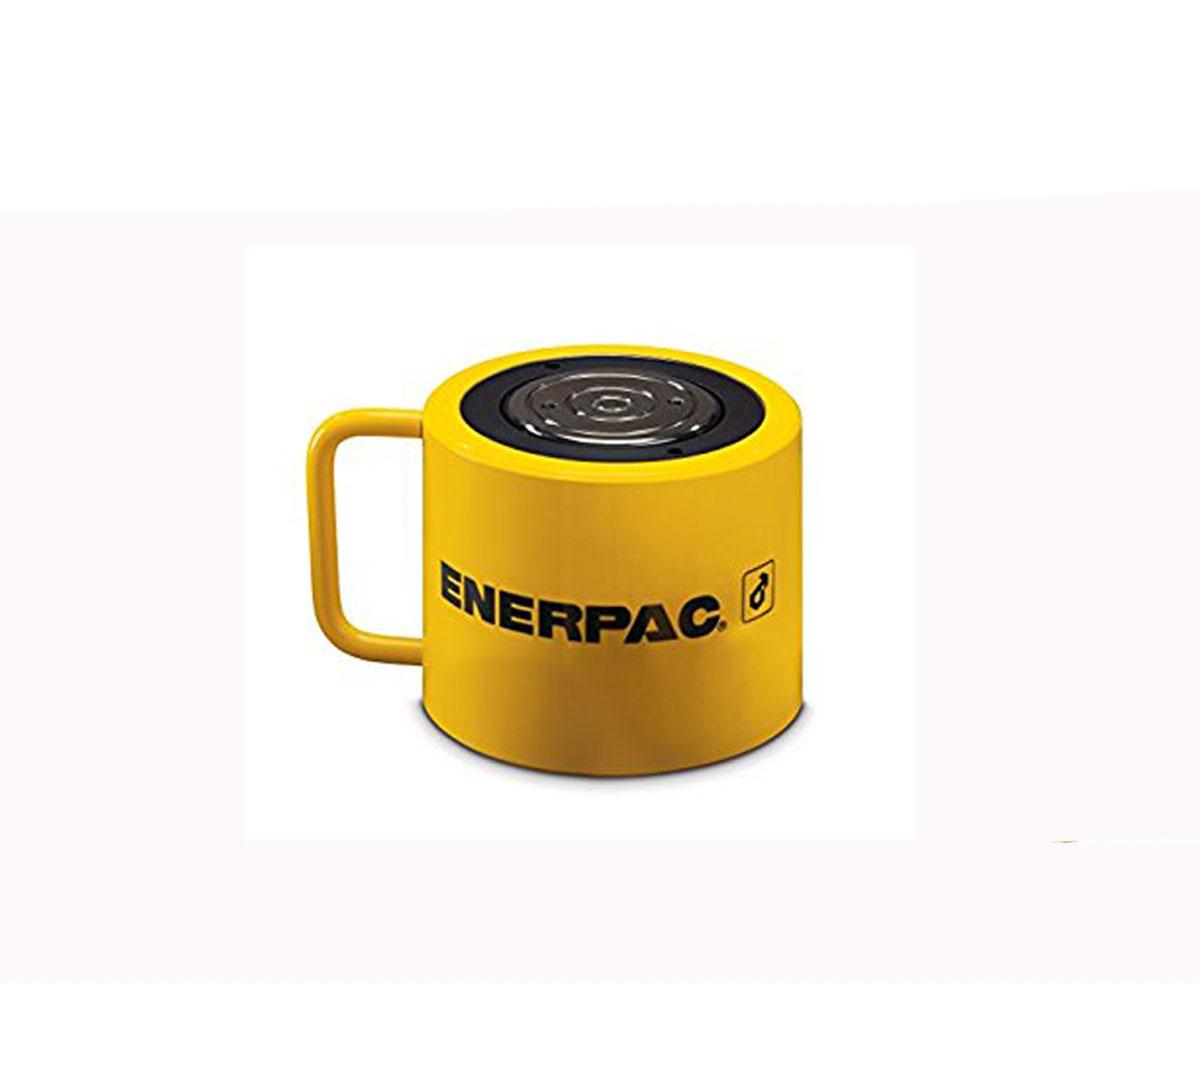 enerpac-rcs1002